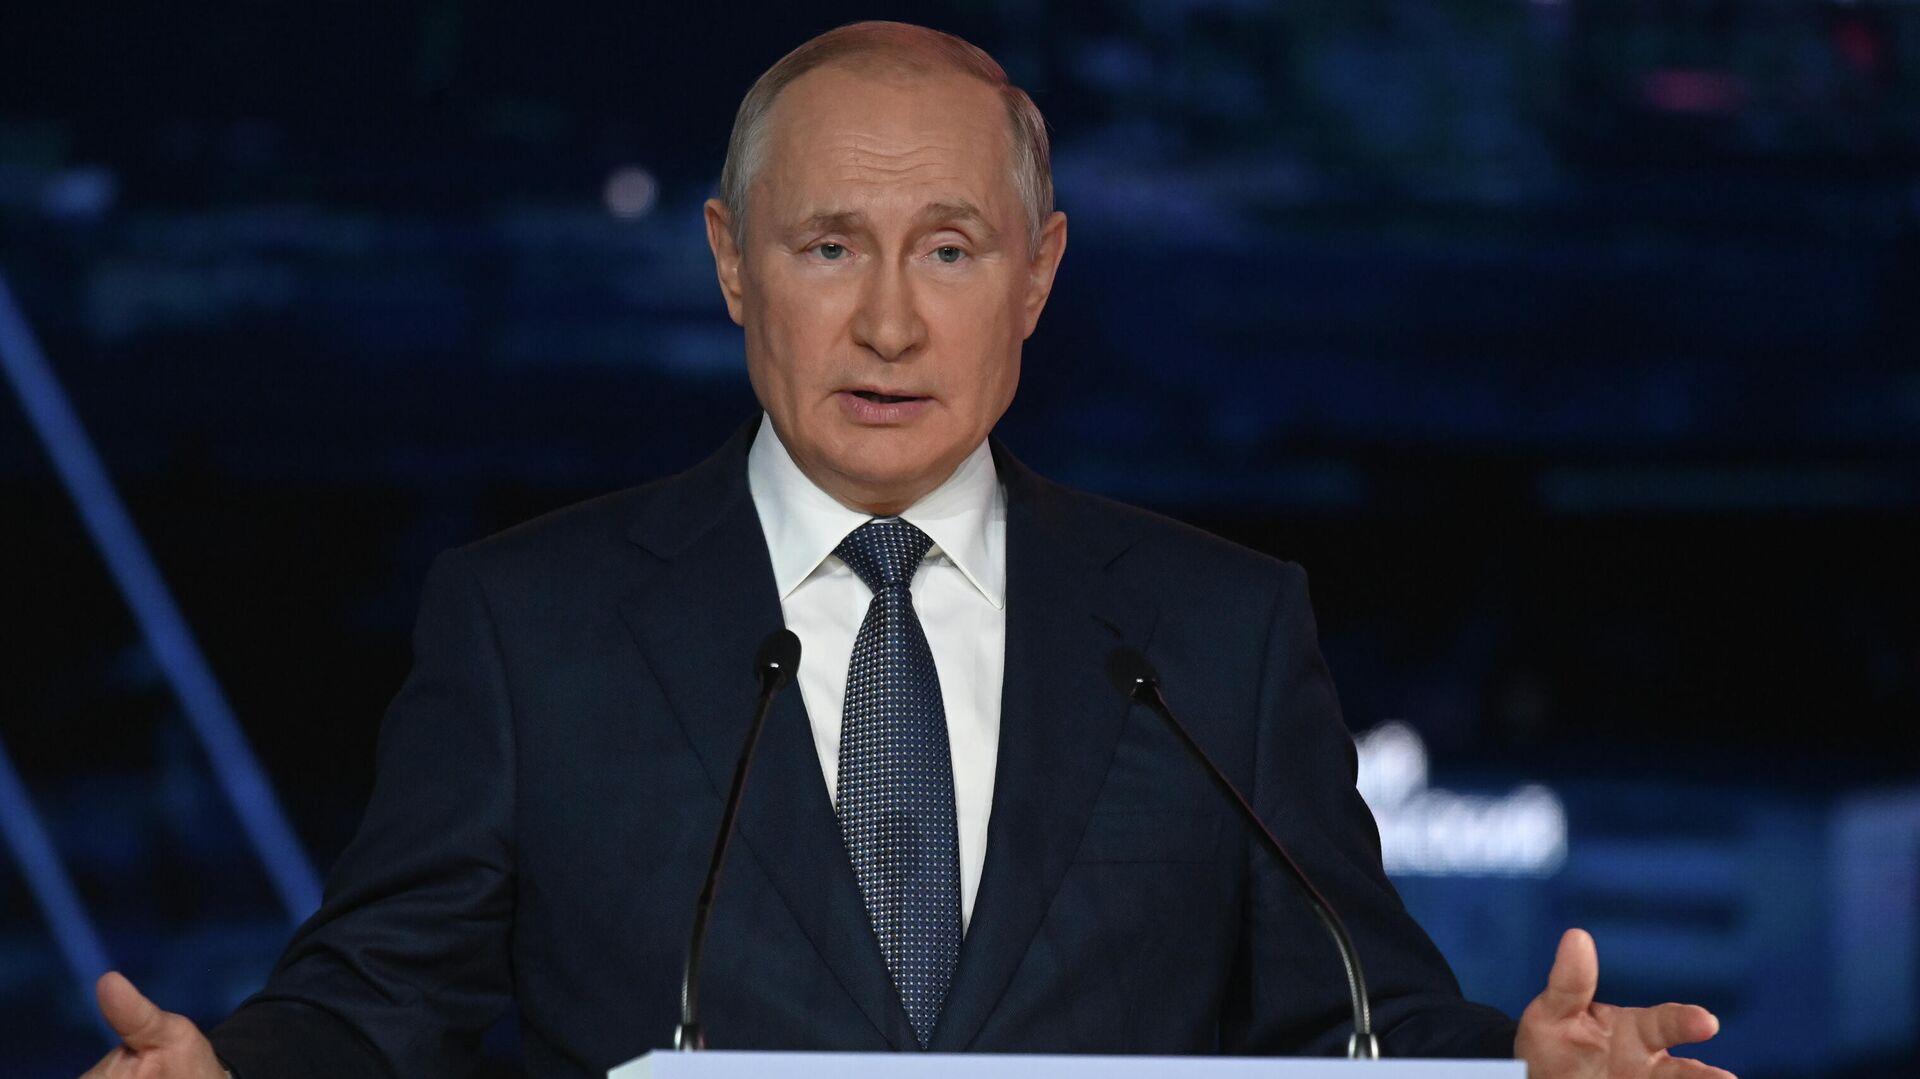 Russlands Präsident Wladimir Putin in einer Plenarsitzung des Östlichen Wirtschaftsforums, September 2021 - SNA, 1920, 03.09.2021